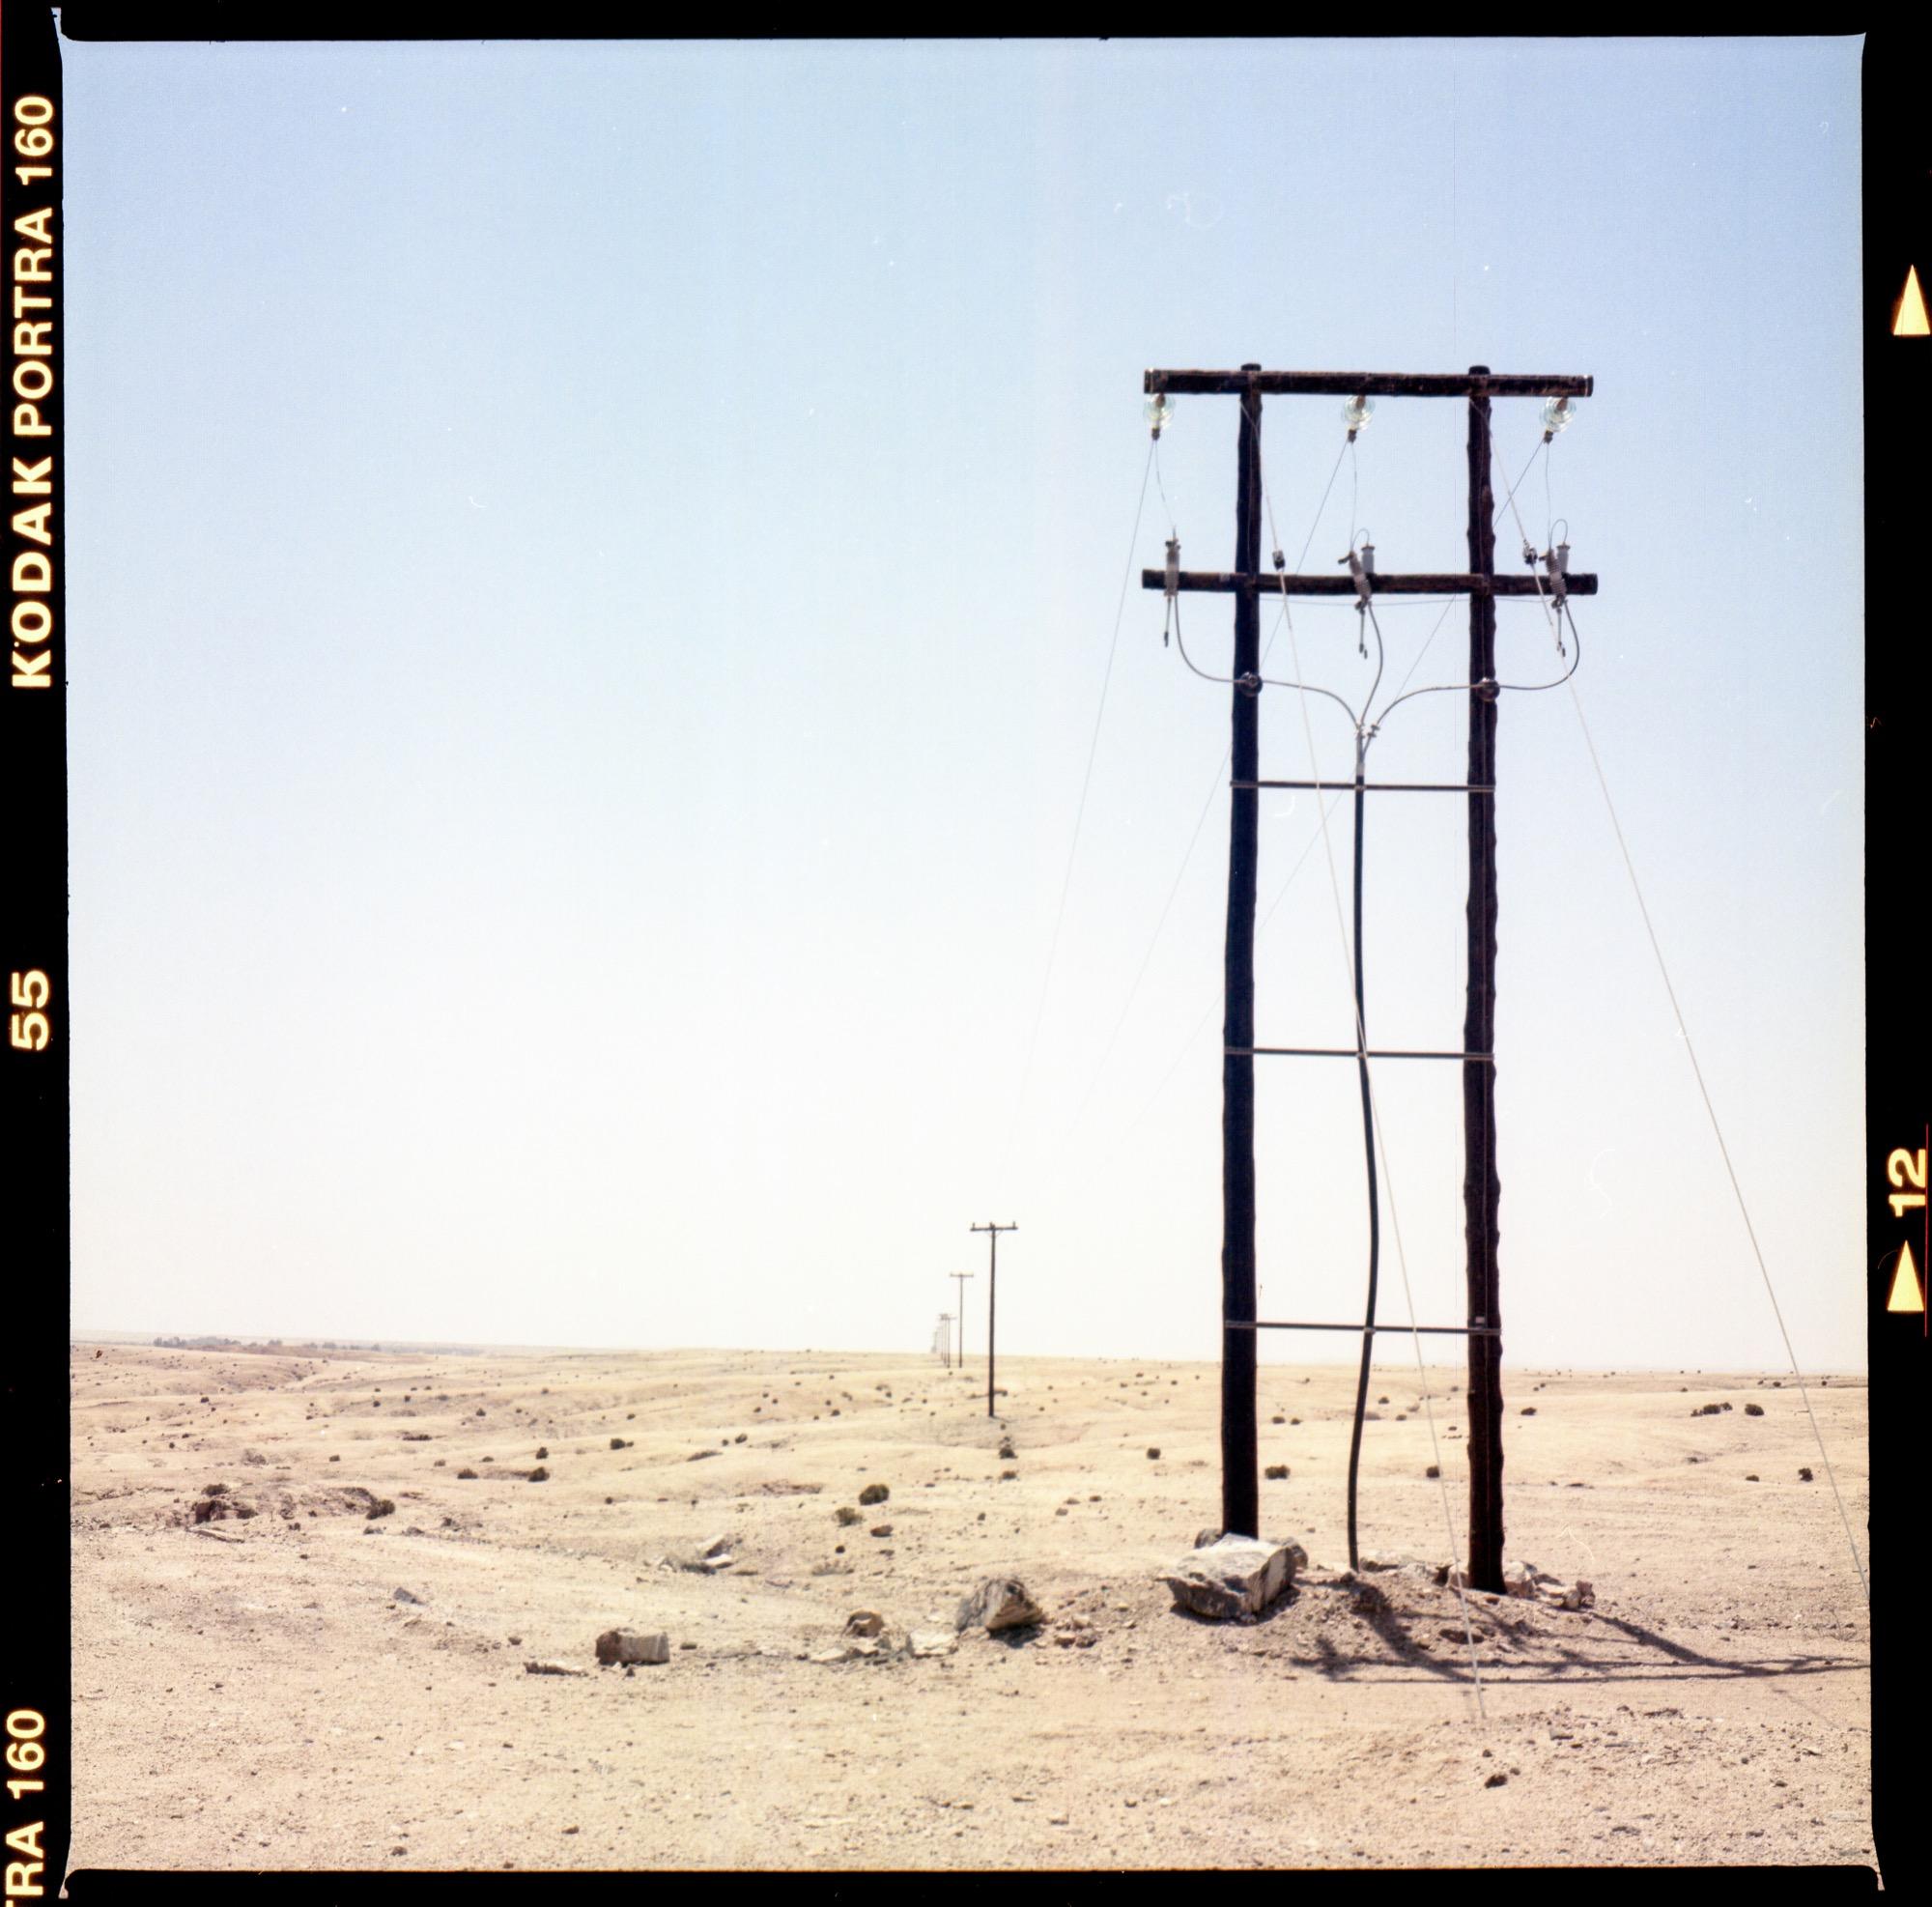 NAMIBIA_12.jpg